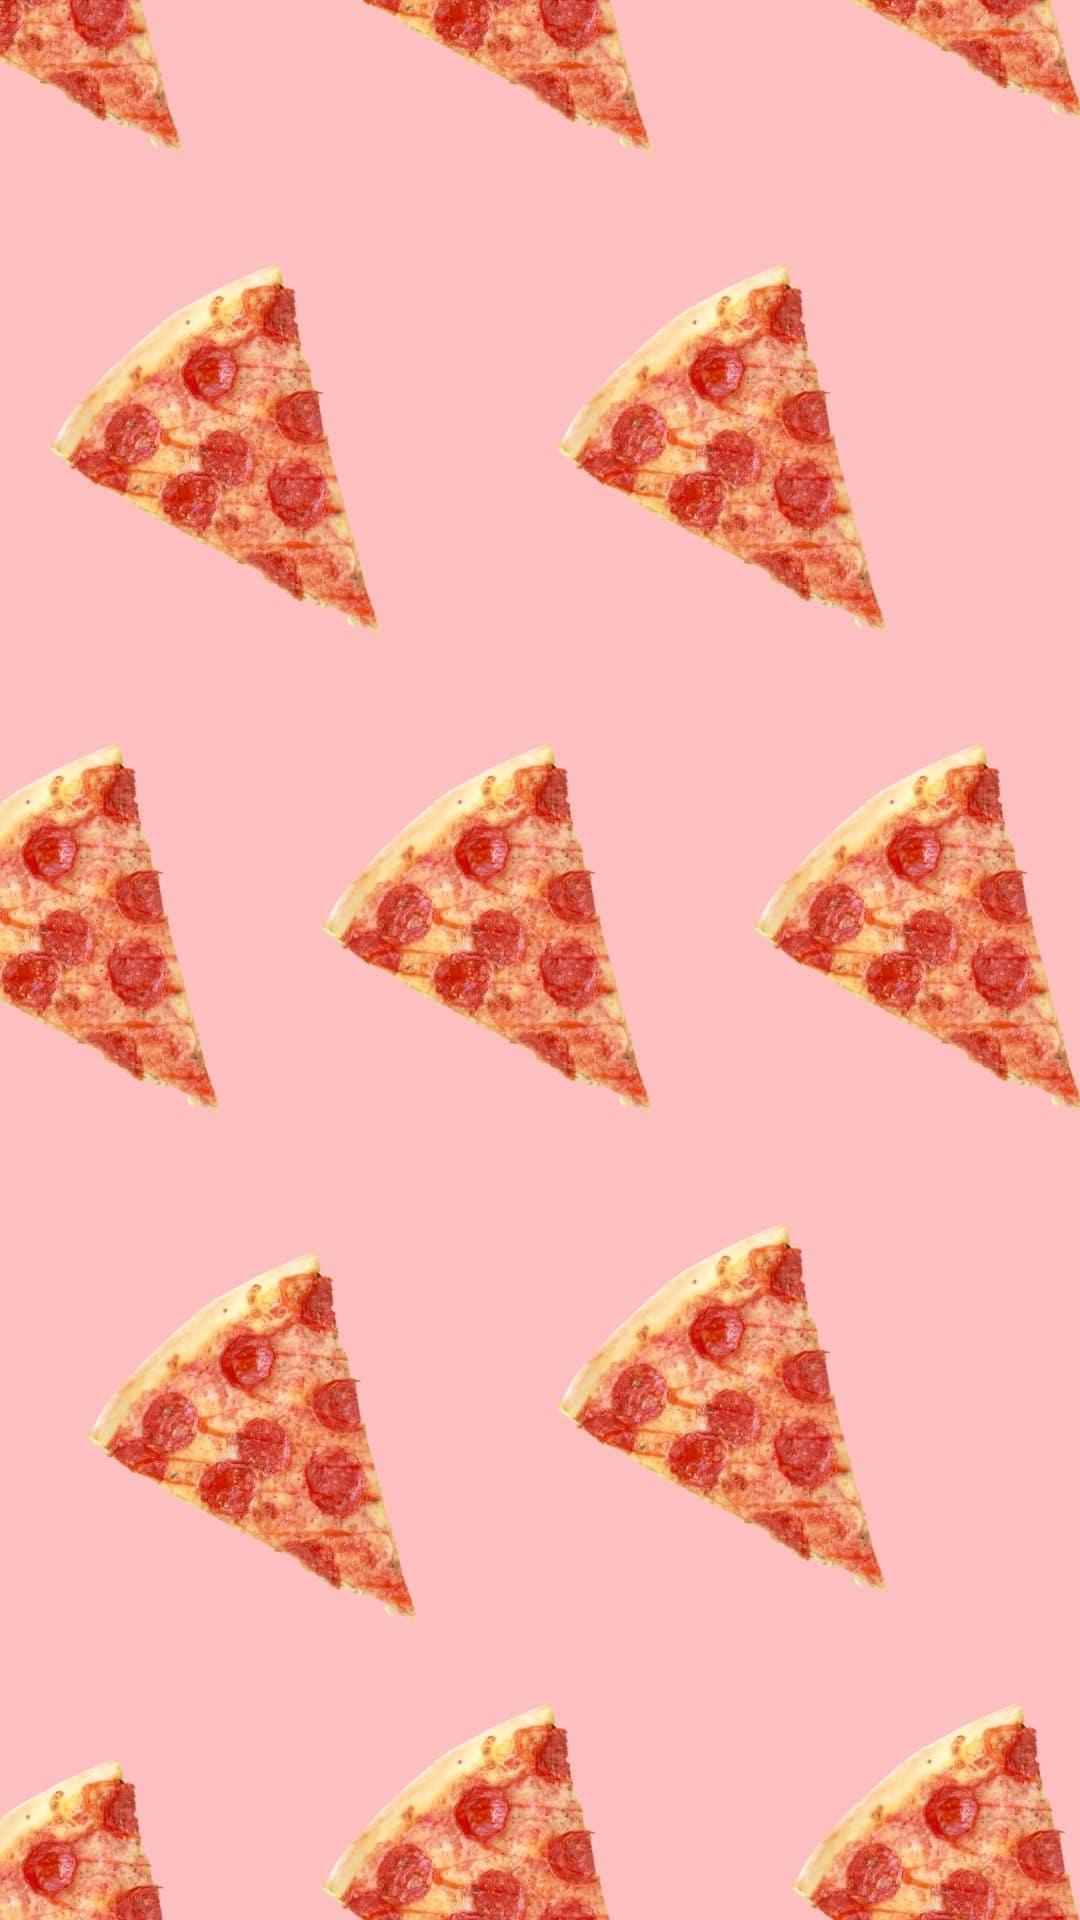 Stukken pizza pepperoni naast elkaar